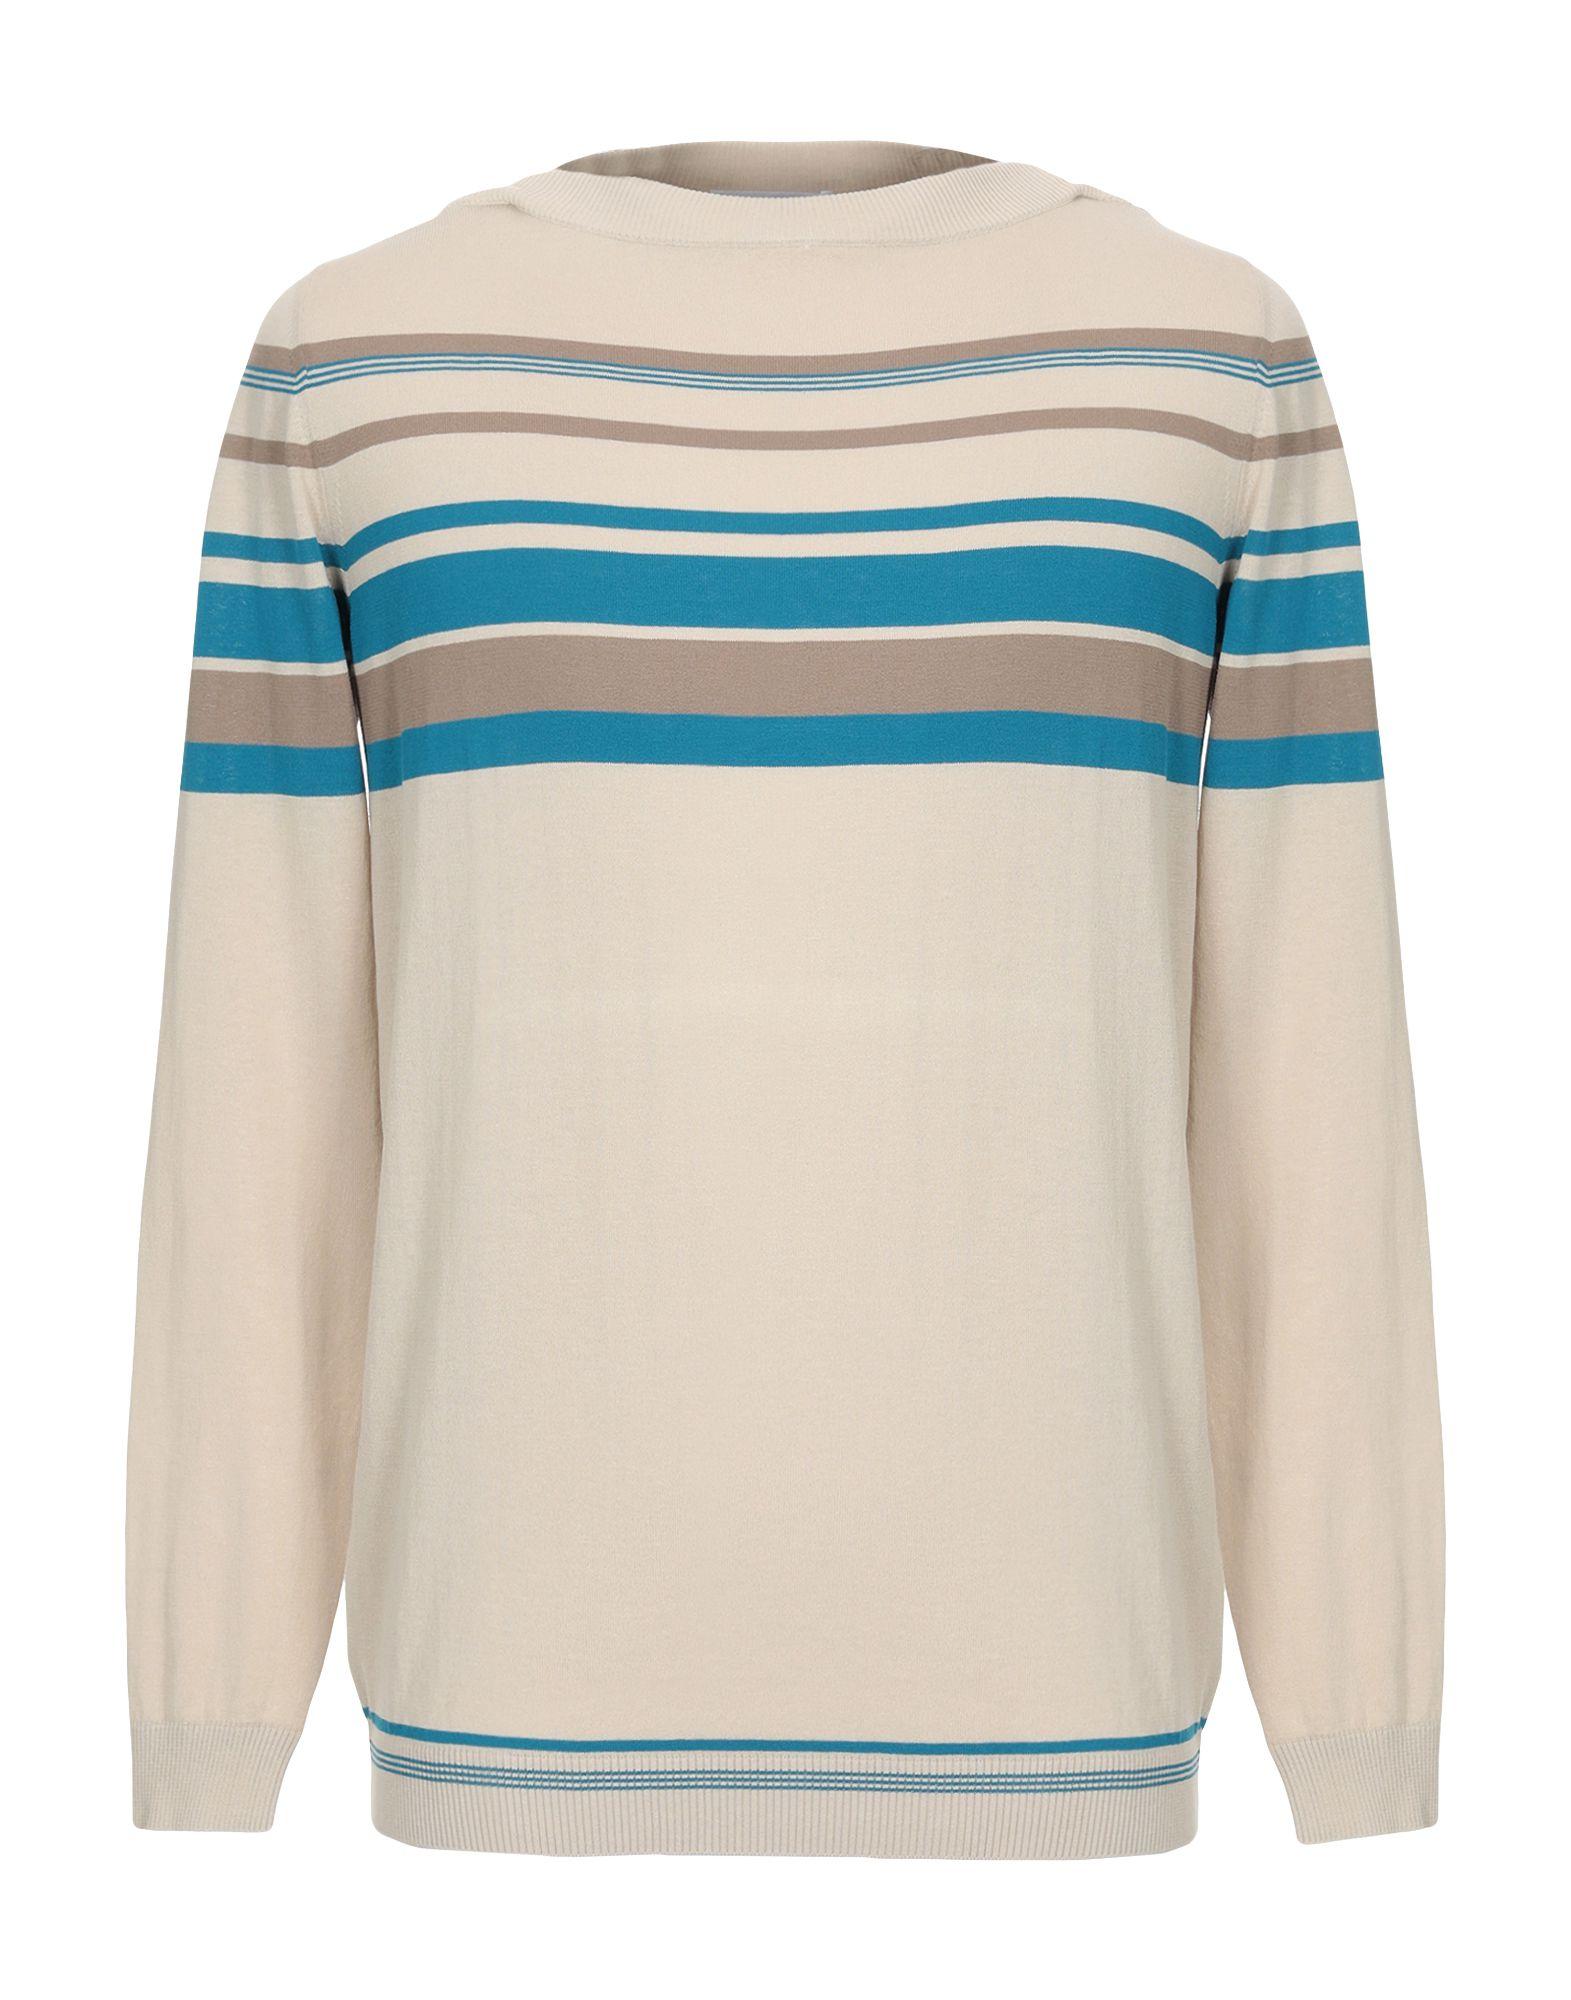 MALO Свитер мужской свитер в полоску 52